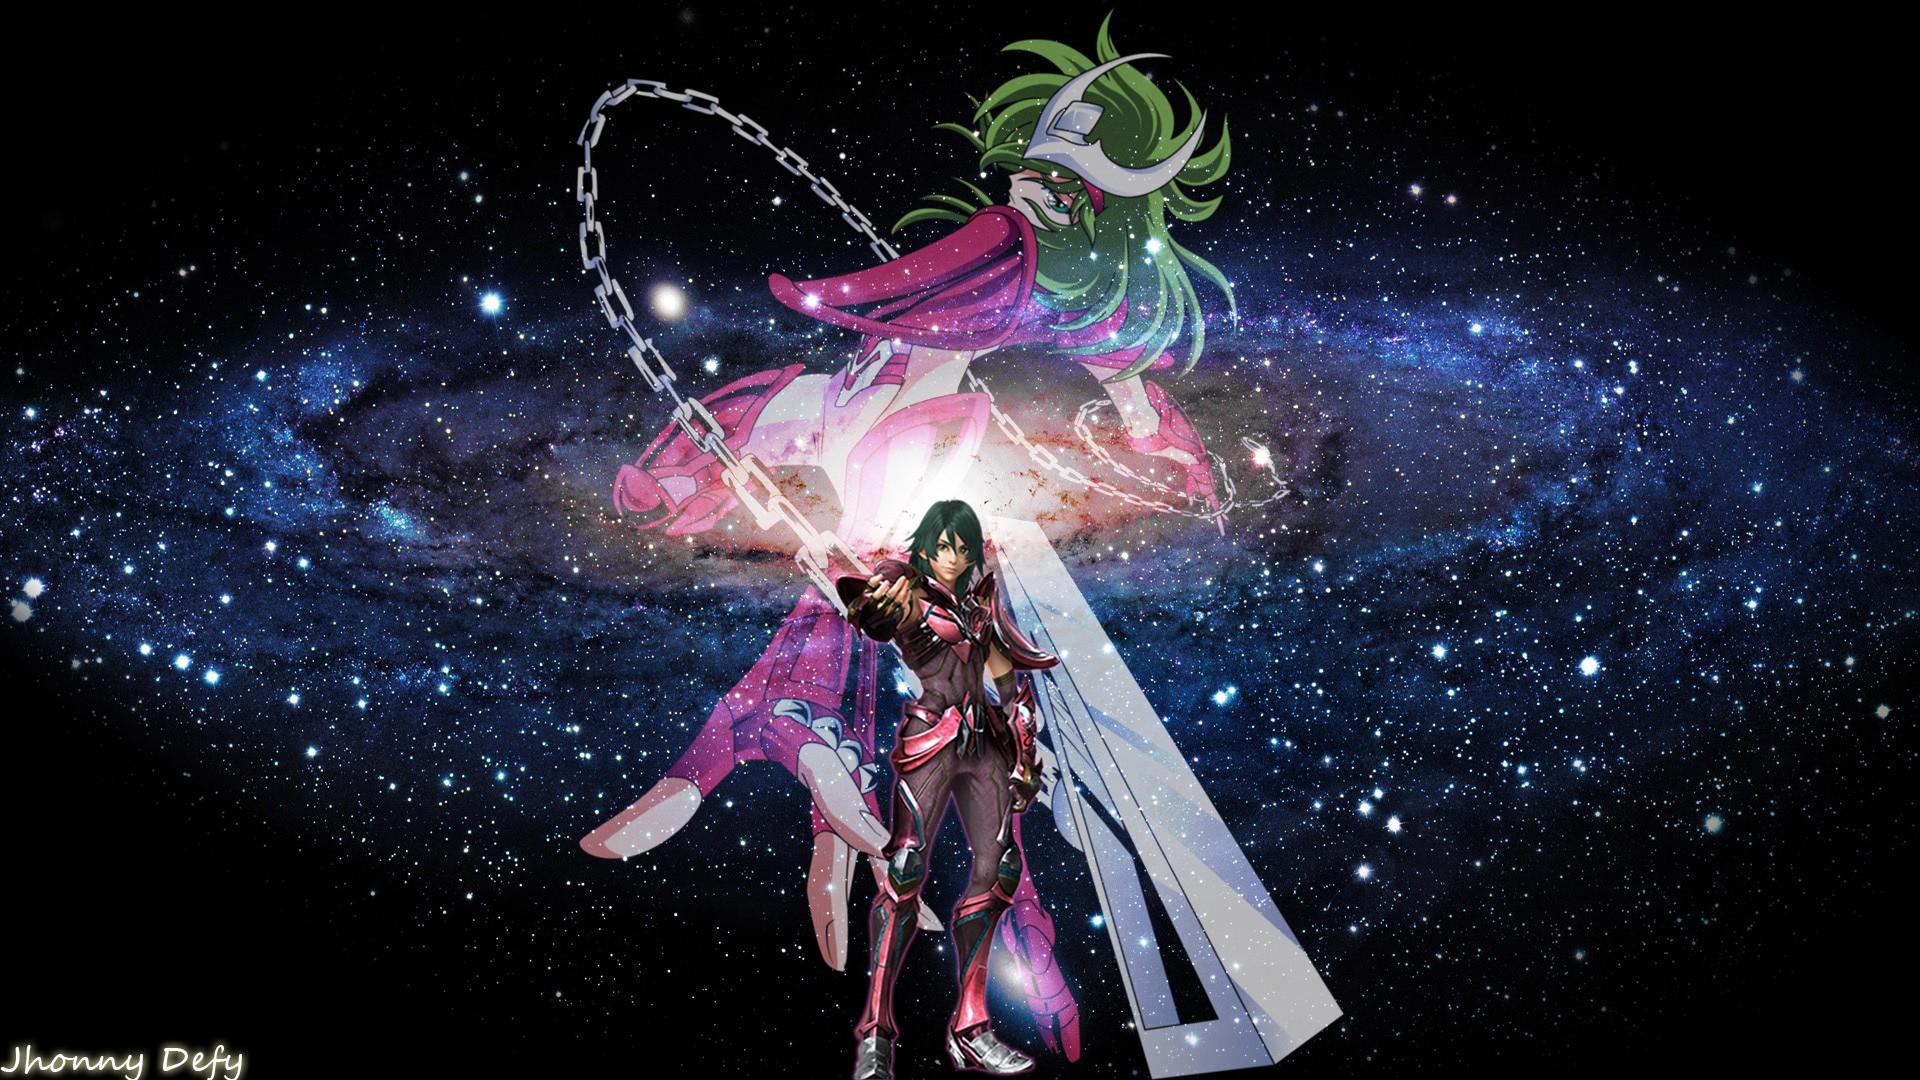 デスクトップ壁紙 図 銀河 スペース 聖闘士星矢聖域の伝説